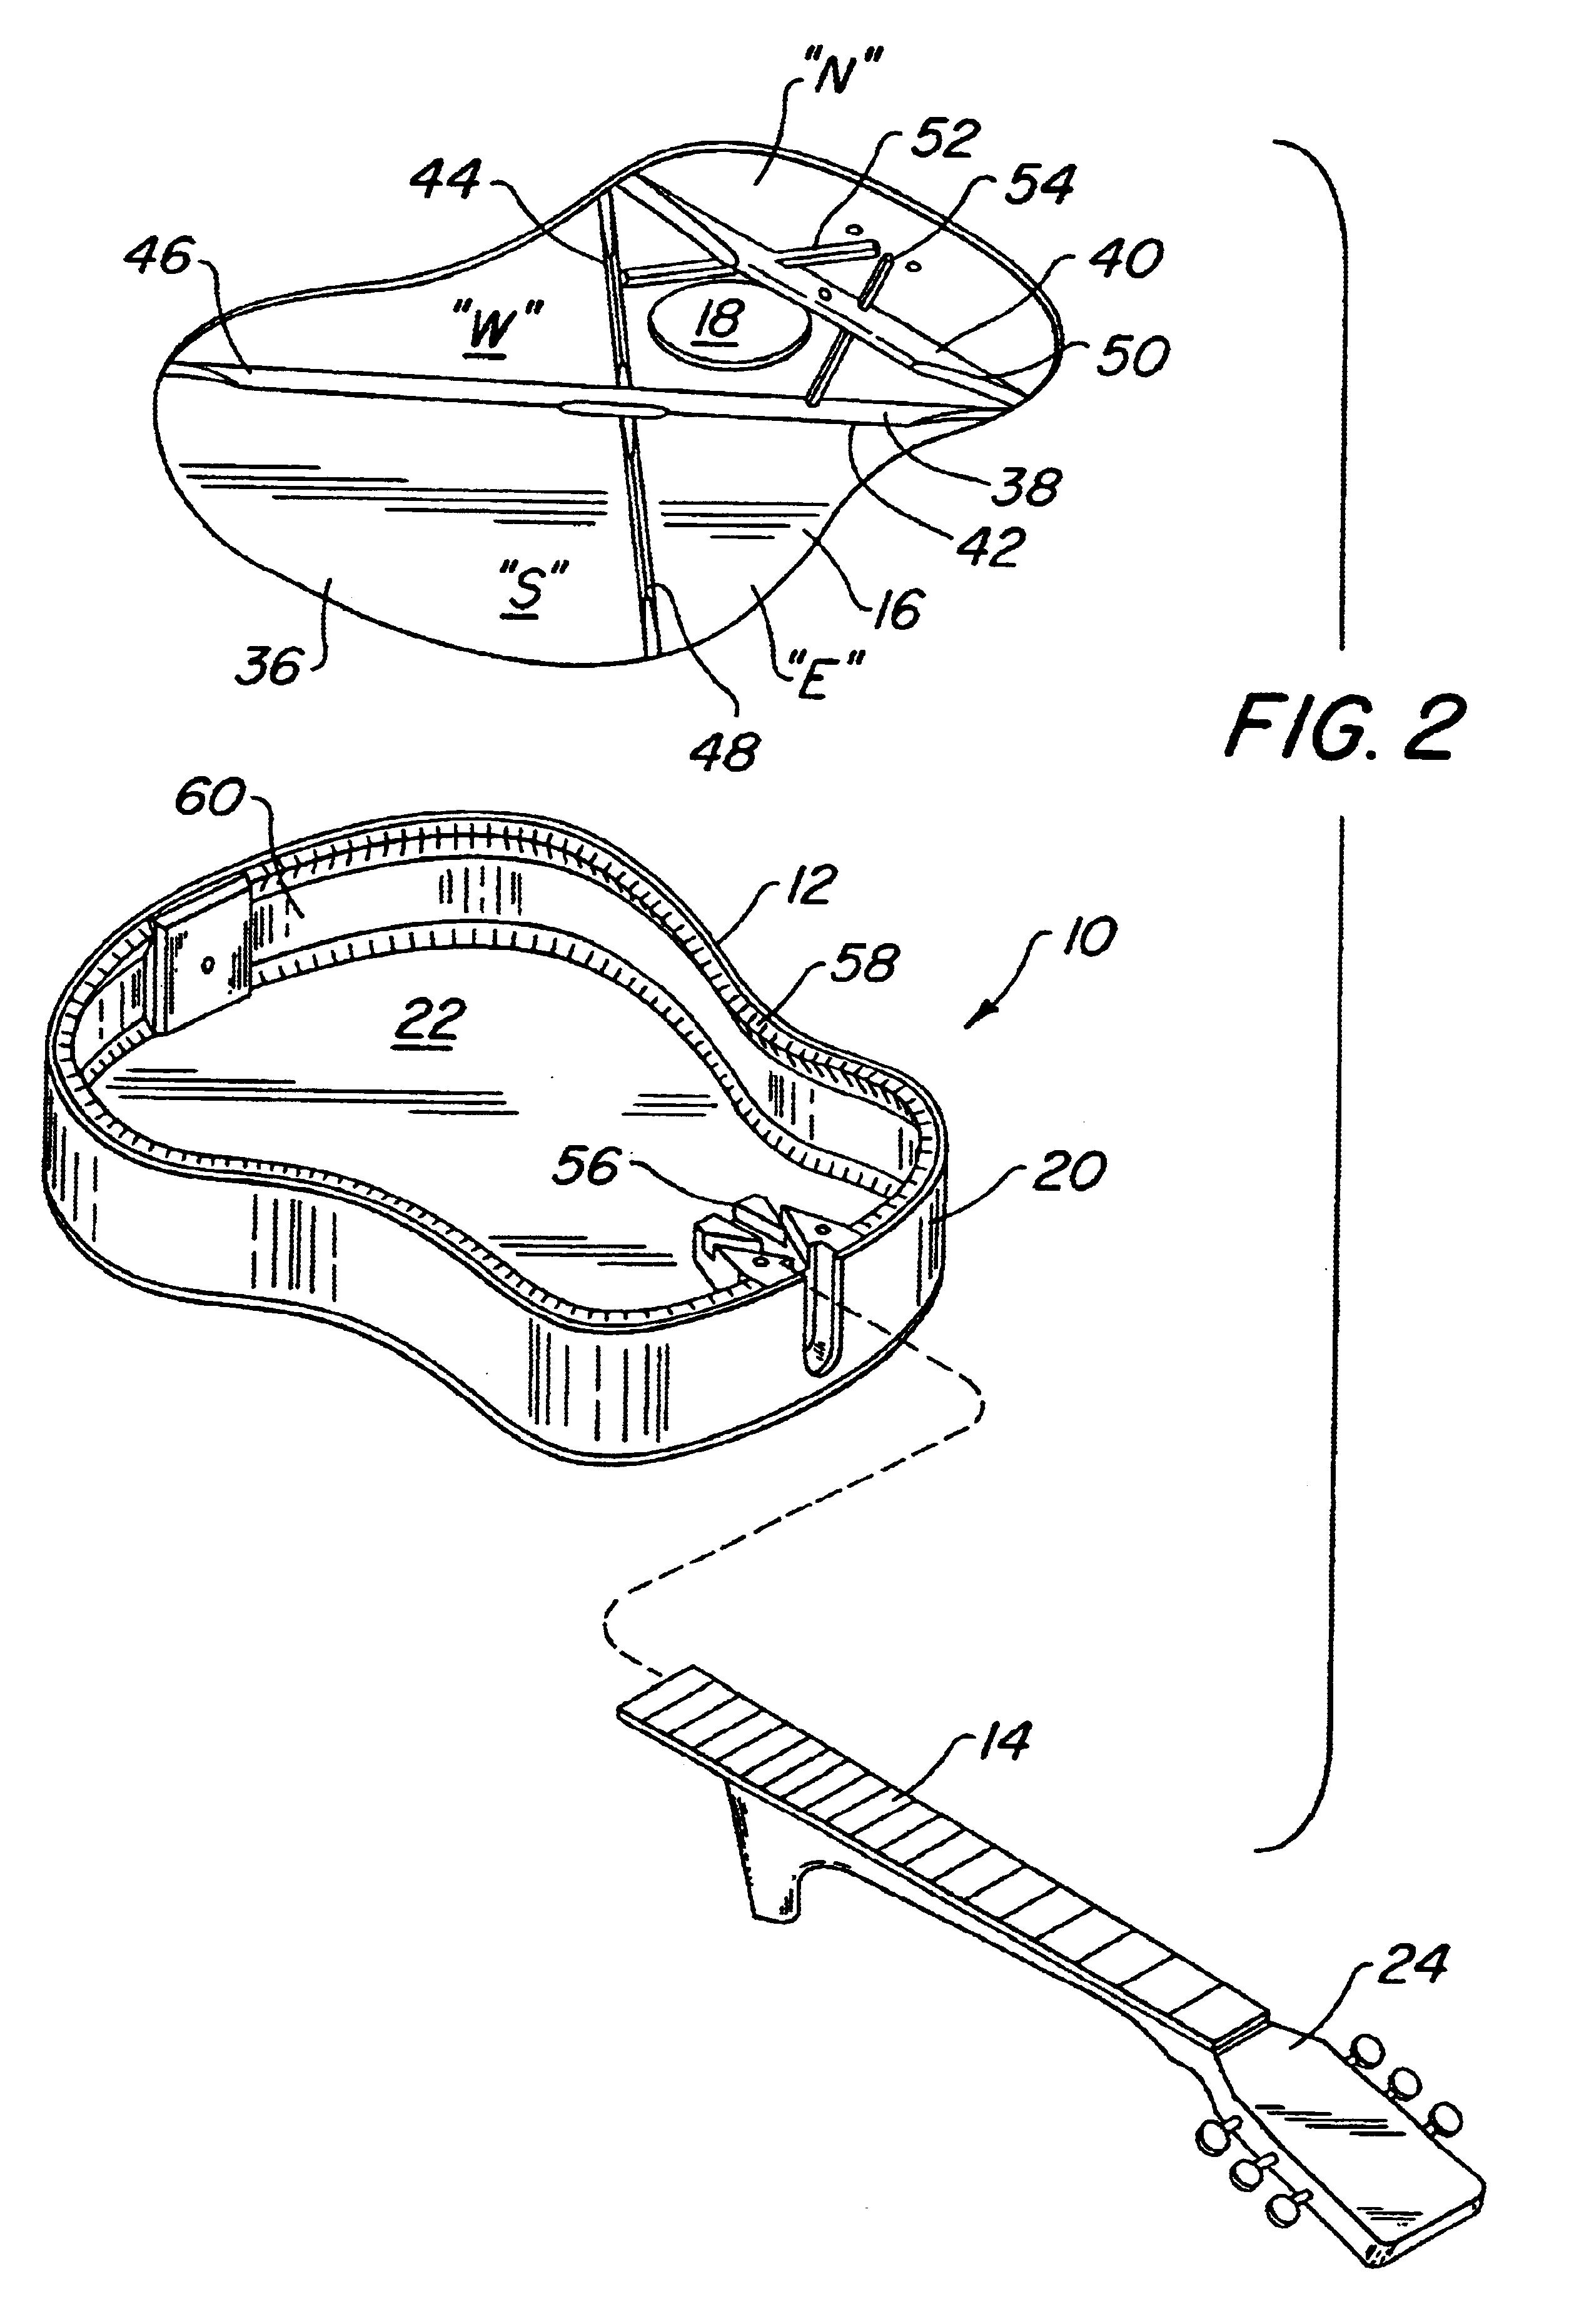 patent us6664452 - acoustic guitar having a composite soundboard